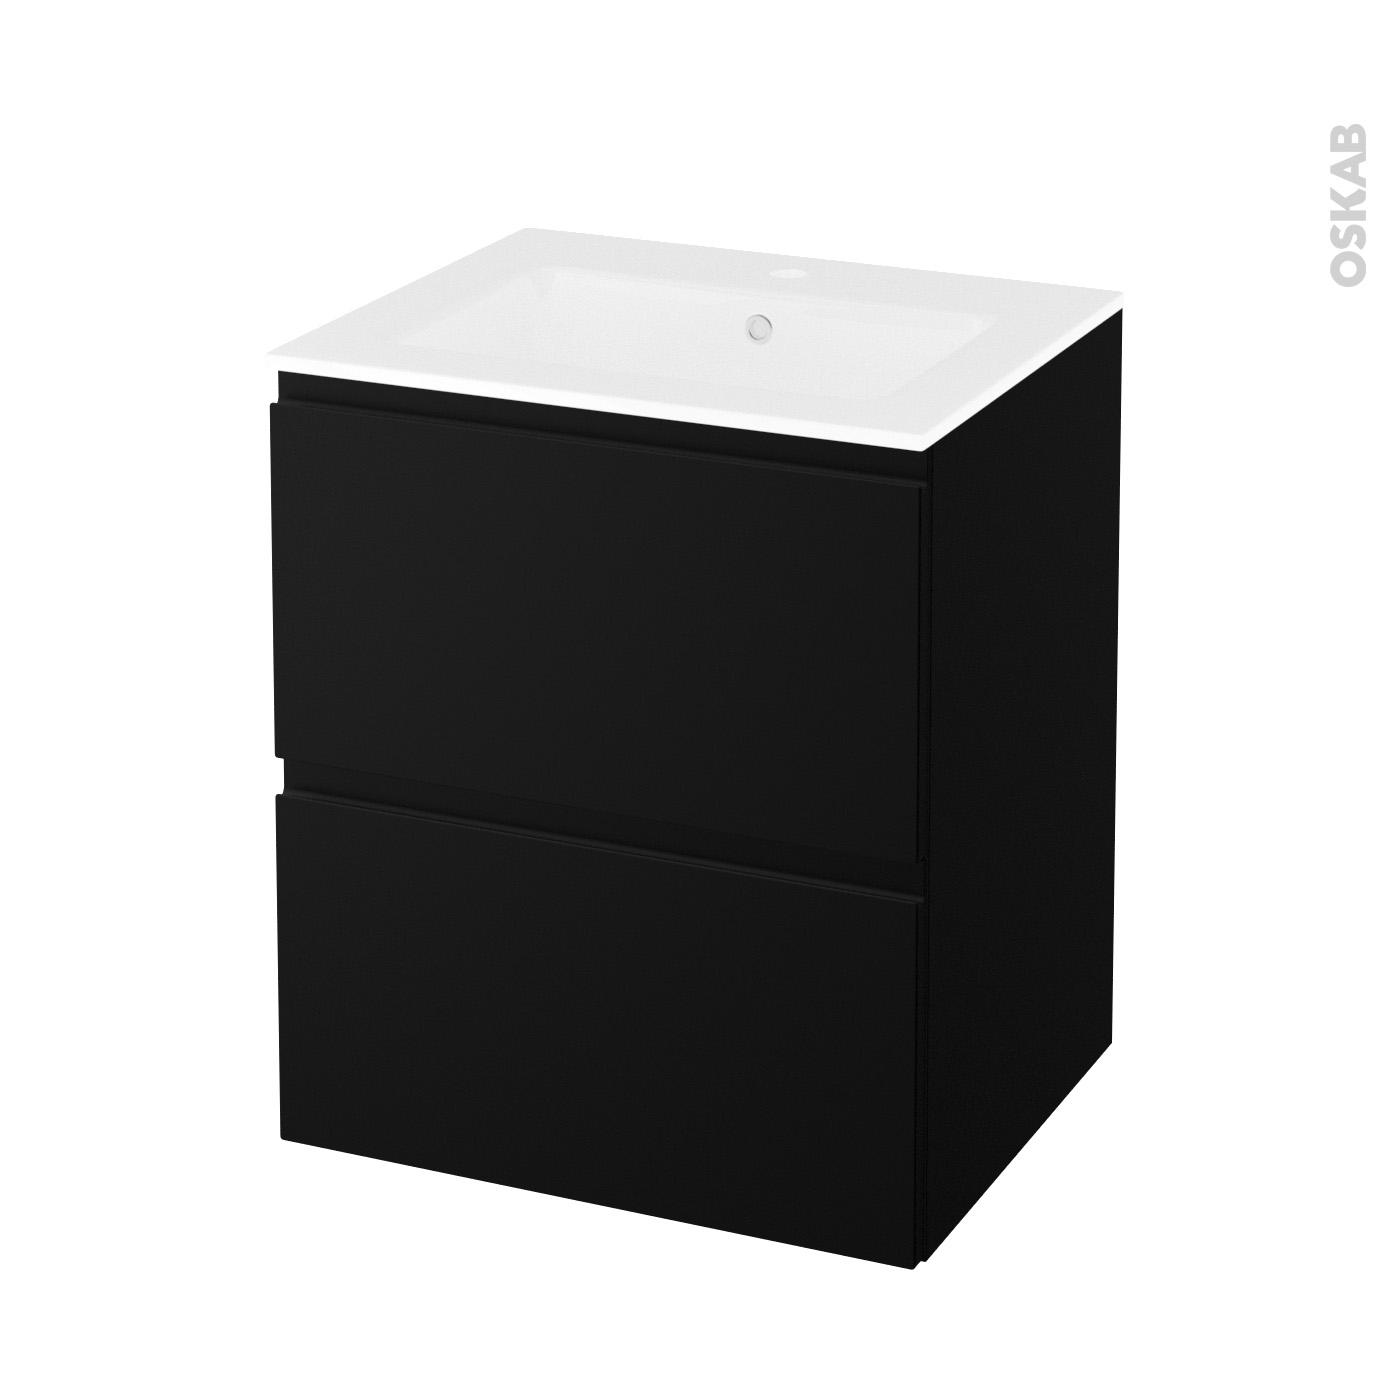 Panneau Melamine Noir Mat meuble de salle de bains plan vasque naja ipoma noir mat, 2 tiroirs, côtés  décors, l60.5 x h71.5 x p50.5 cm